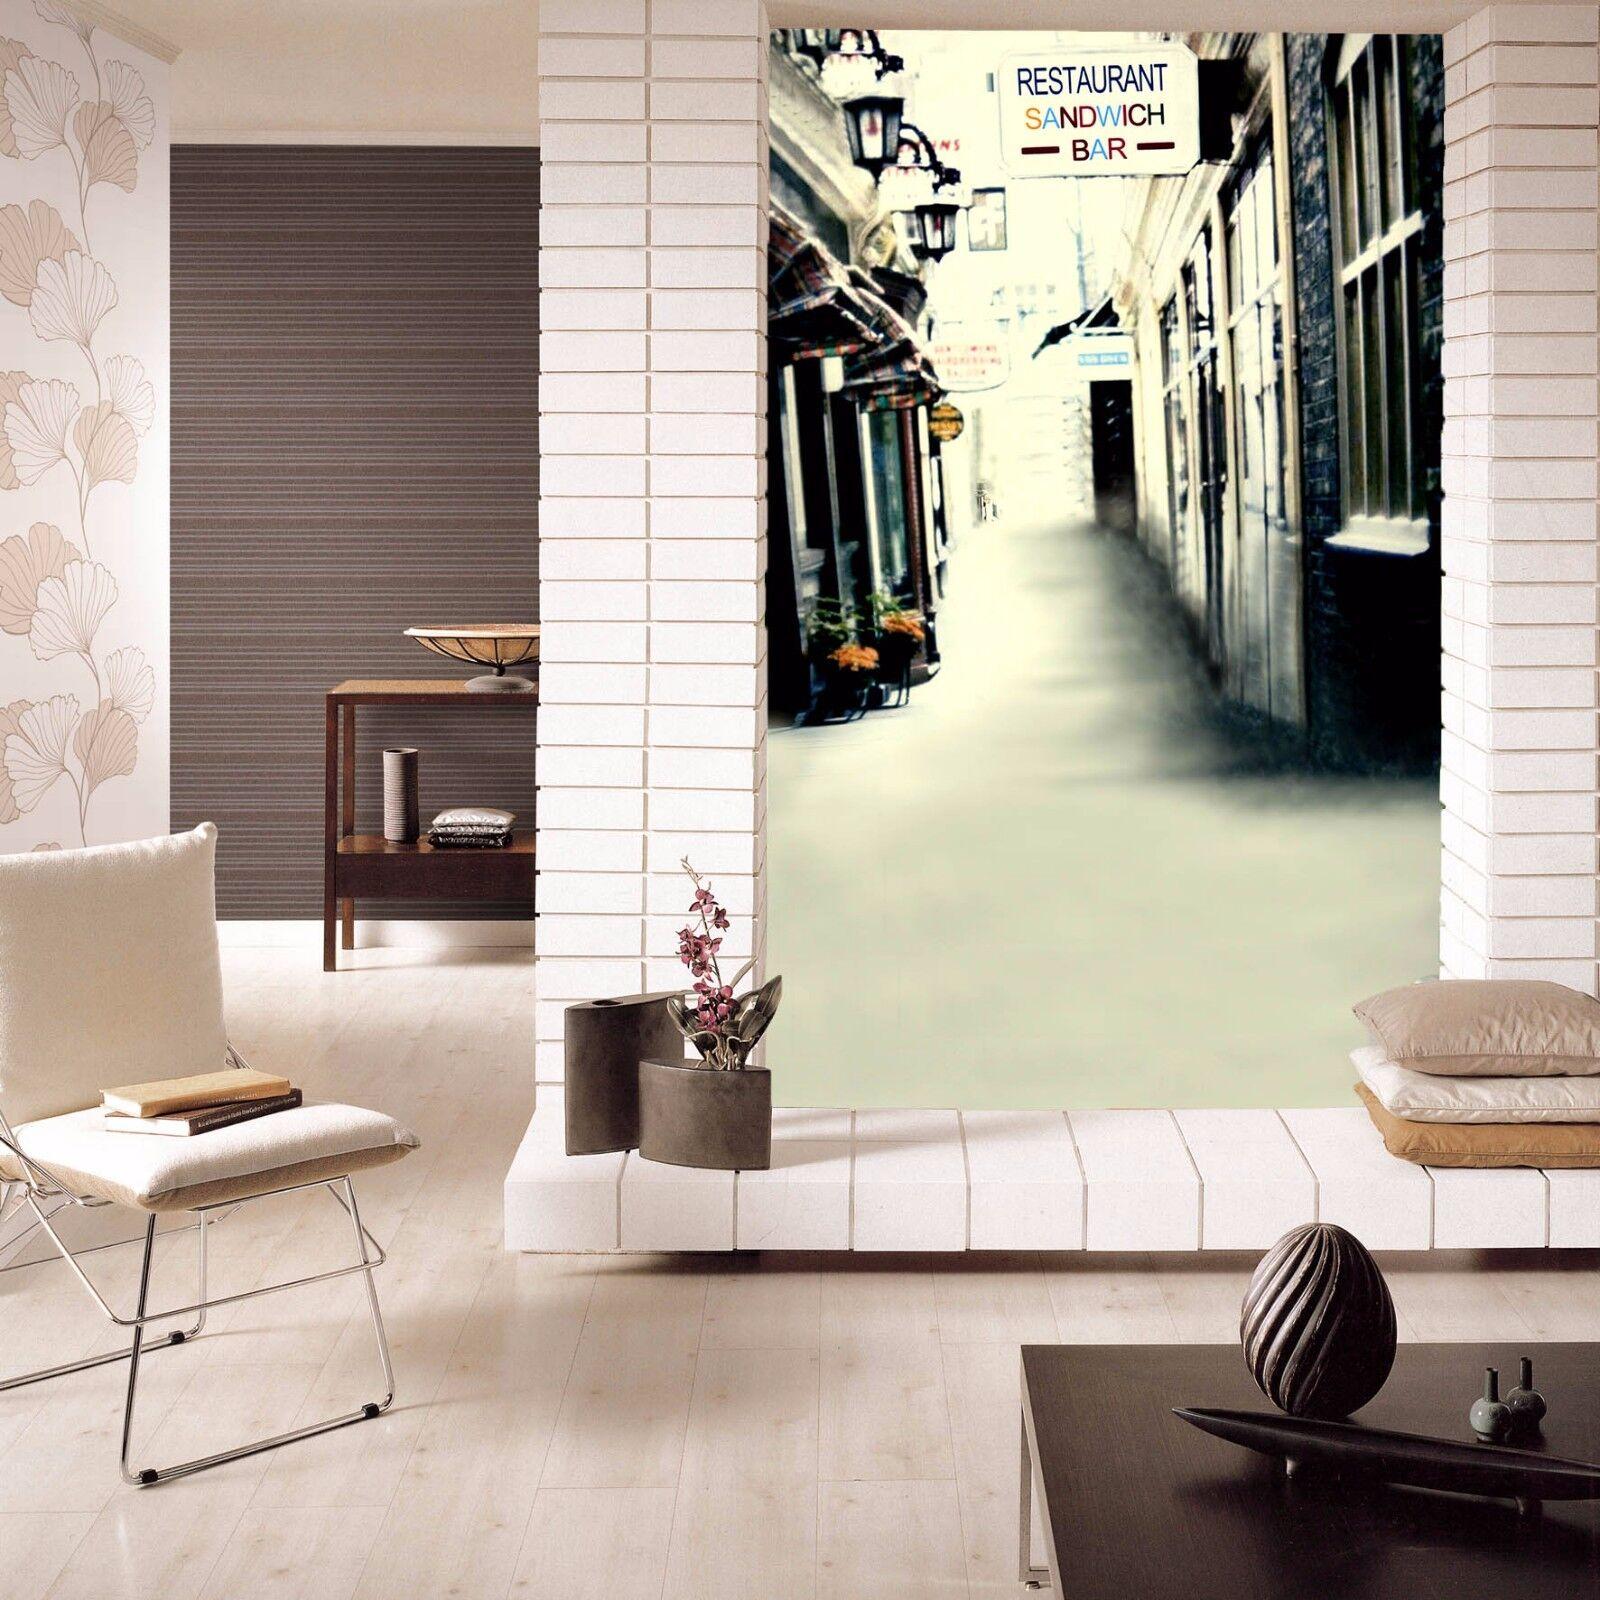 3d Street Bar Sign 75 Wall Paper Murals Wall Print Wall Wallpaper